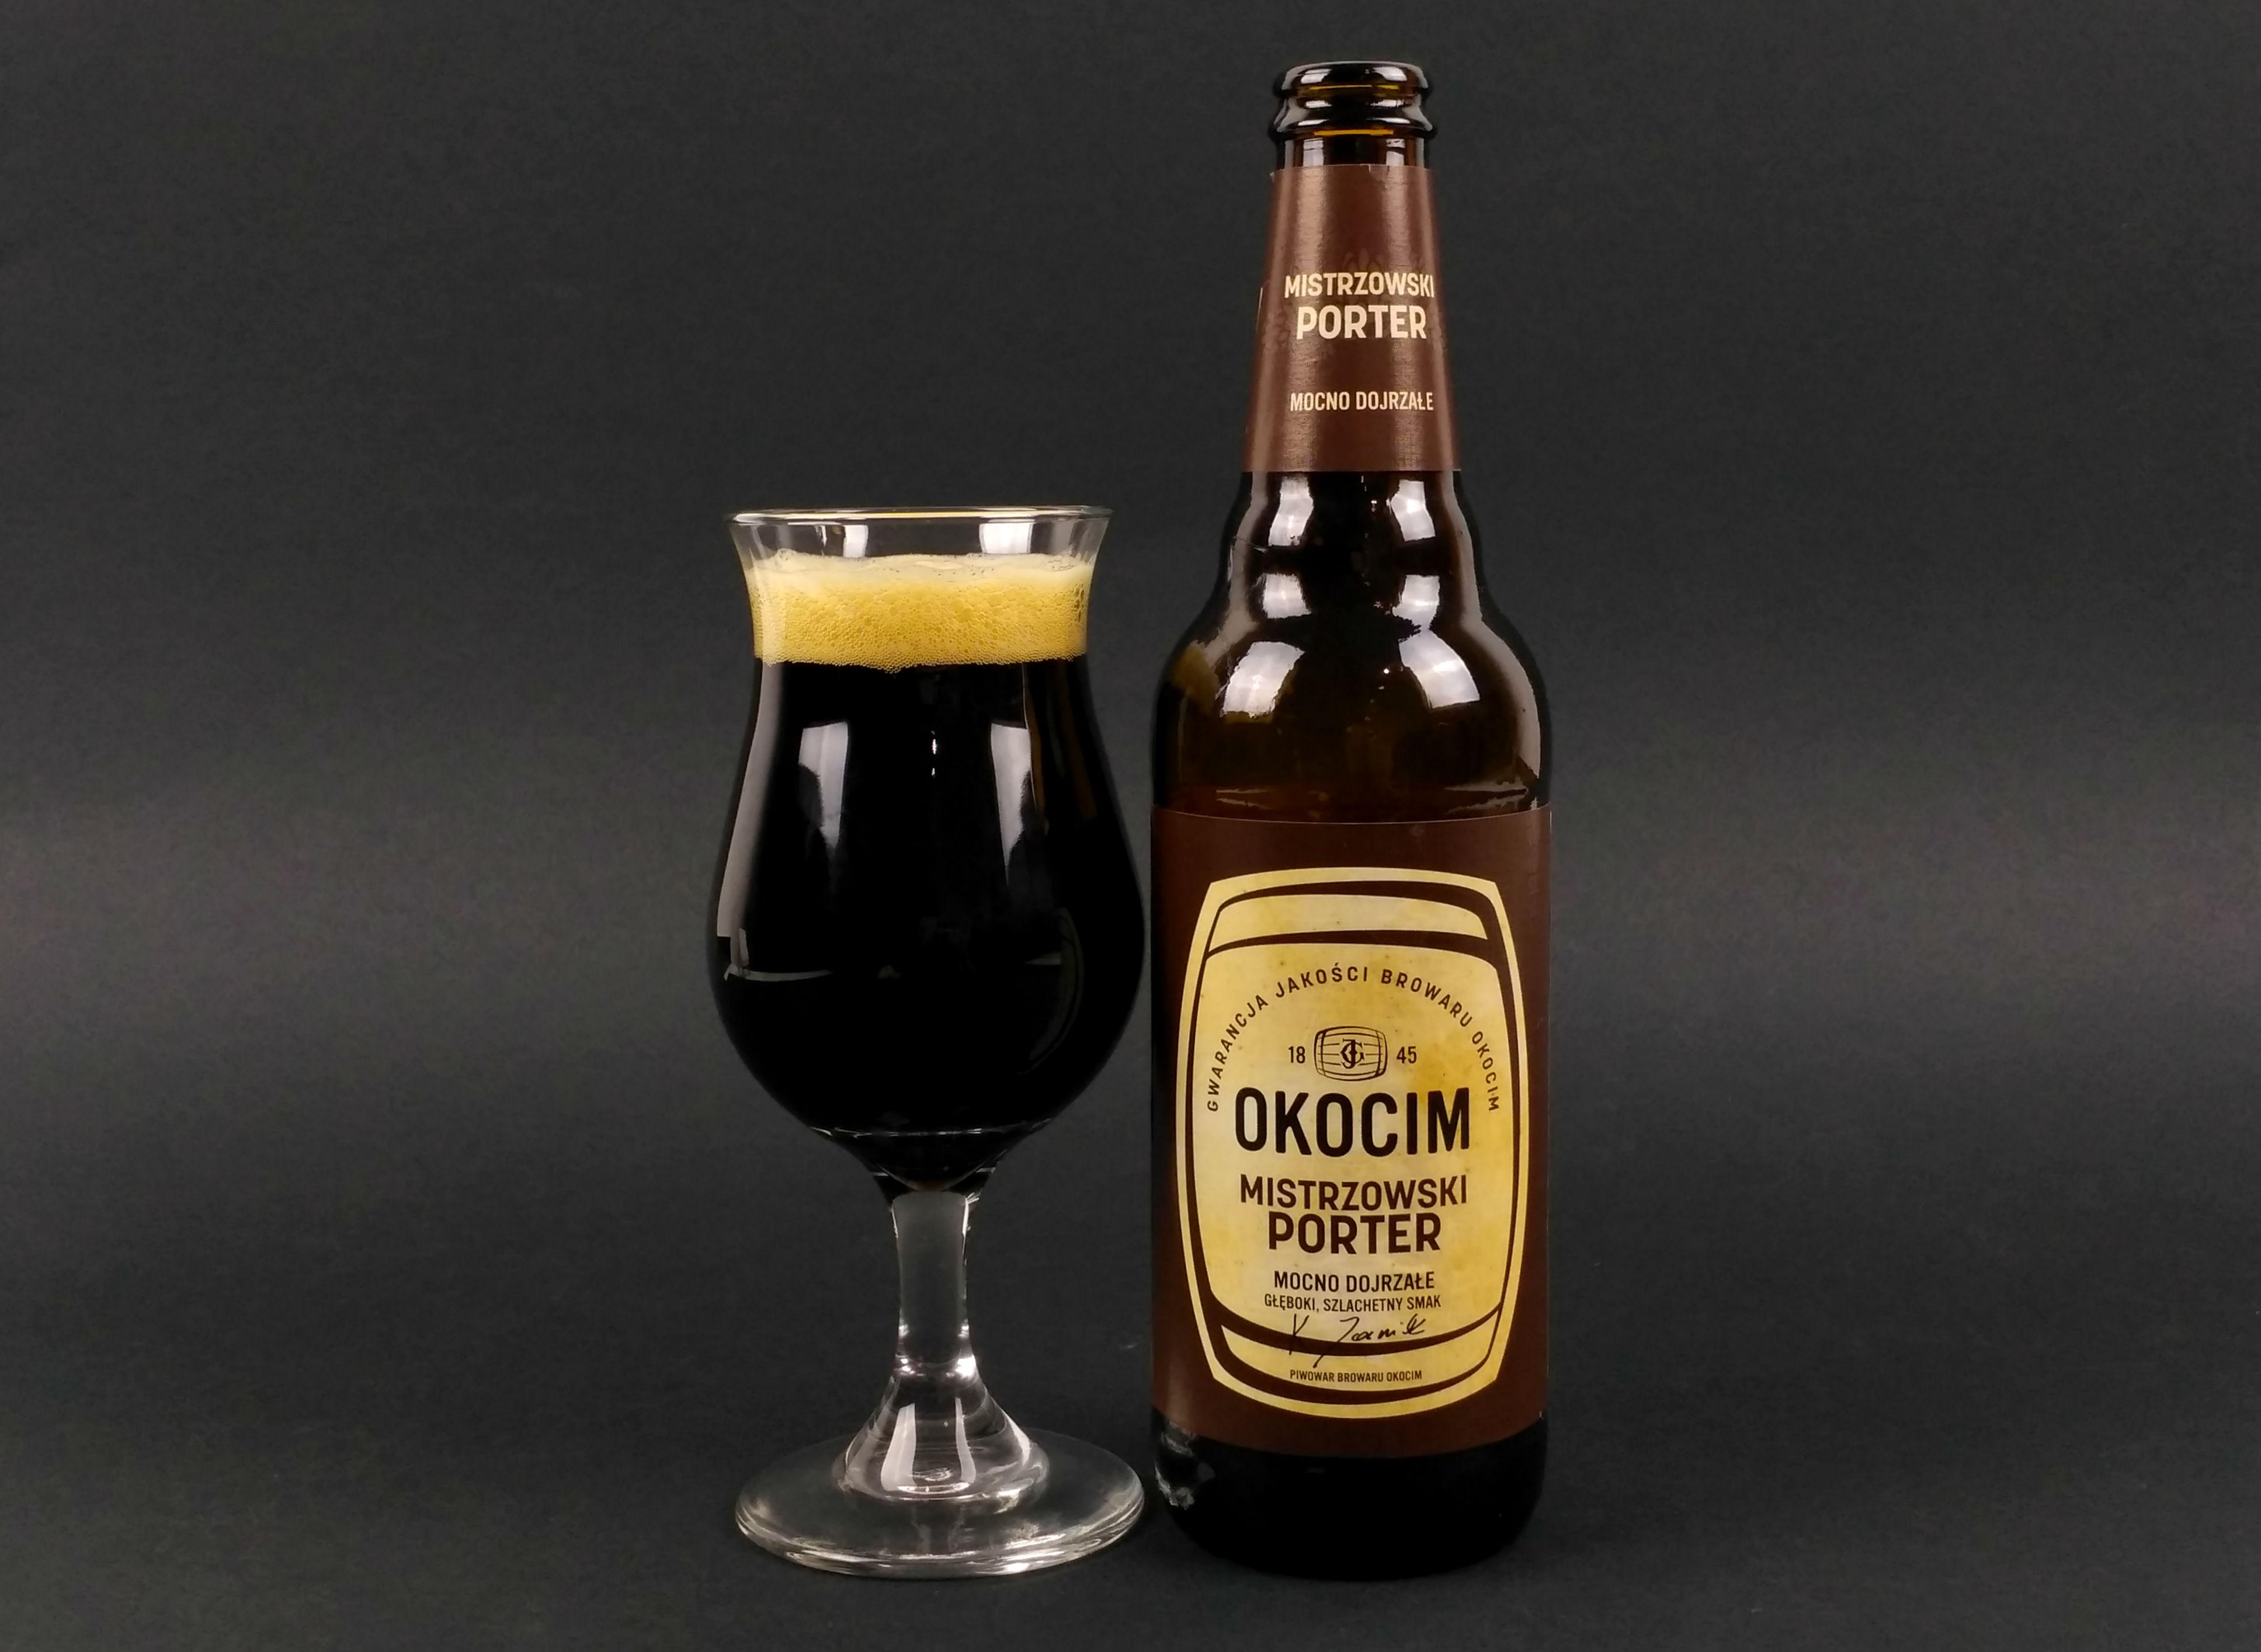 okocim-mistrzowski-porter